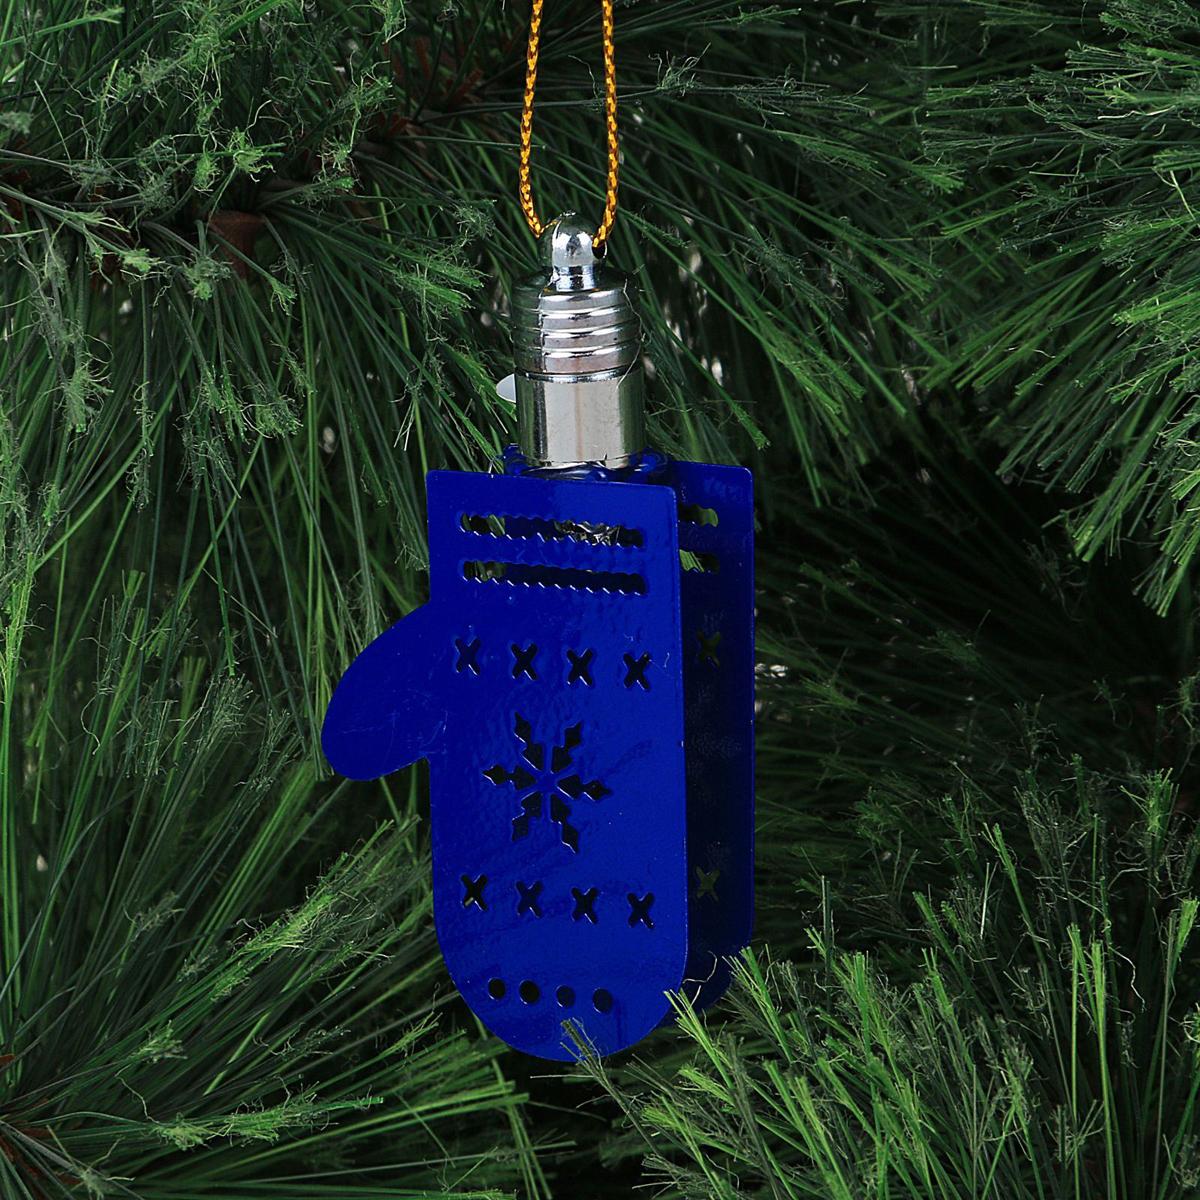 Подвеска новогодняя Luazon Lighting Бабочка, световая, цвет: синий, длина 5,5 см2327159Световая новогодняя подвеска Luazon Lighting Варежка выполнена из металла в виде варежки. Елочное украшение выглядит как простая елочная игрушка днем, но при этом остается видимой вечером. Просто включите изделие с наступлением темноты, и оно украсит елку огоньками. Подвеска Luazon Lighting Варежка работает от батареек (входит в комплект) и пожаробезопасна, так как светодиоды не нагреваются, в отличие от ламп накаливания.